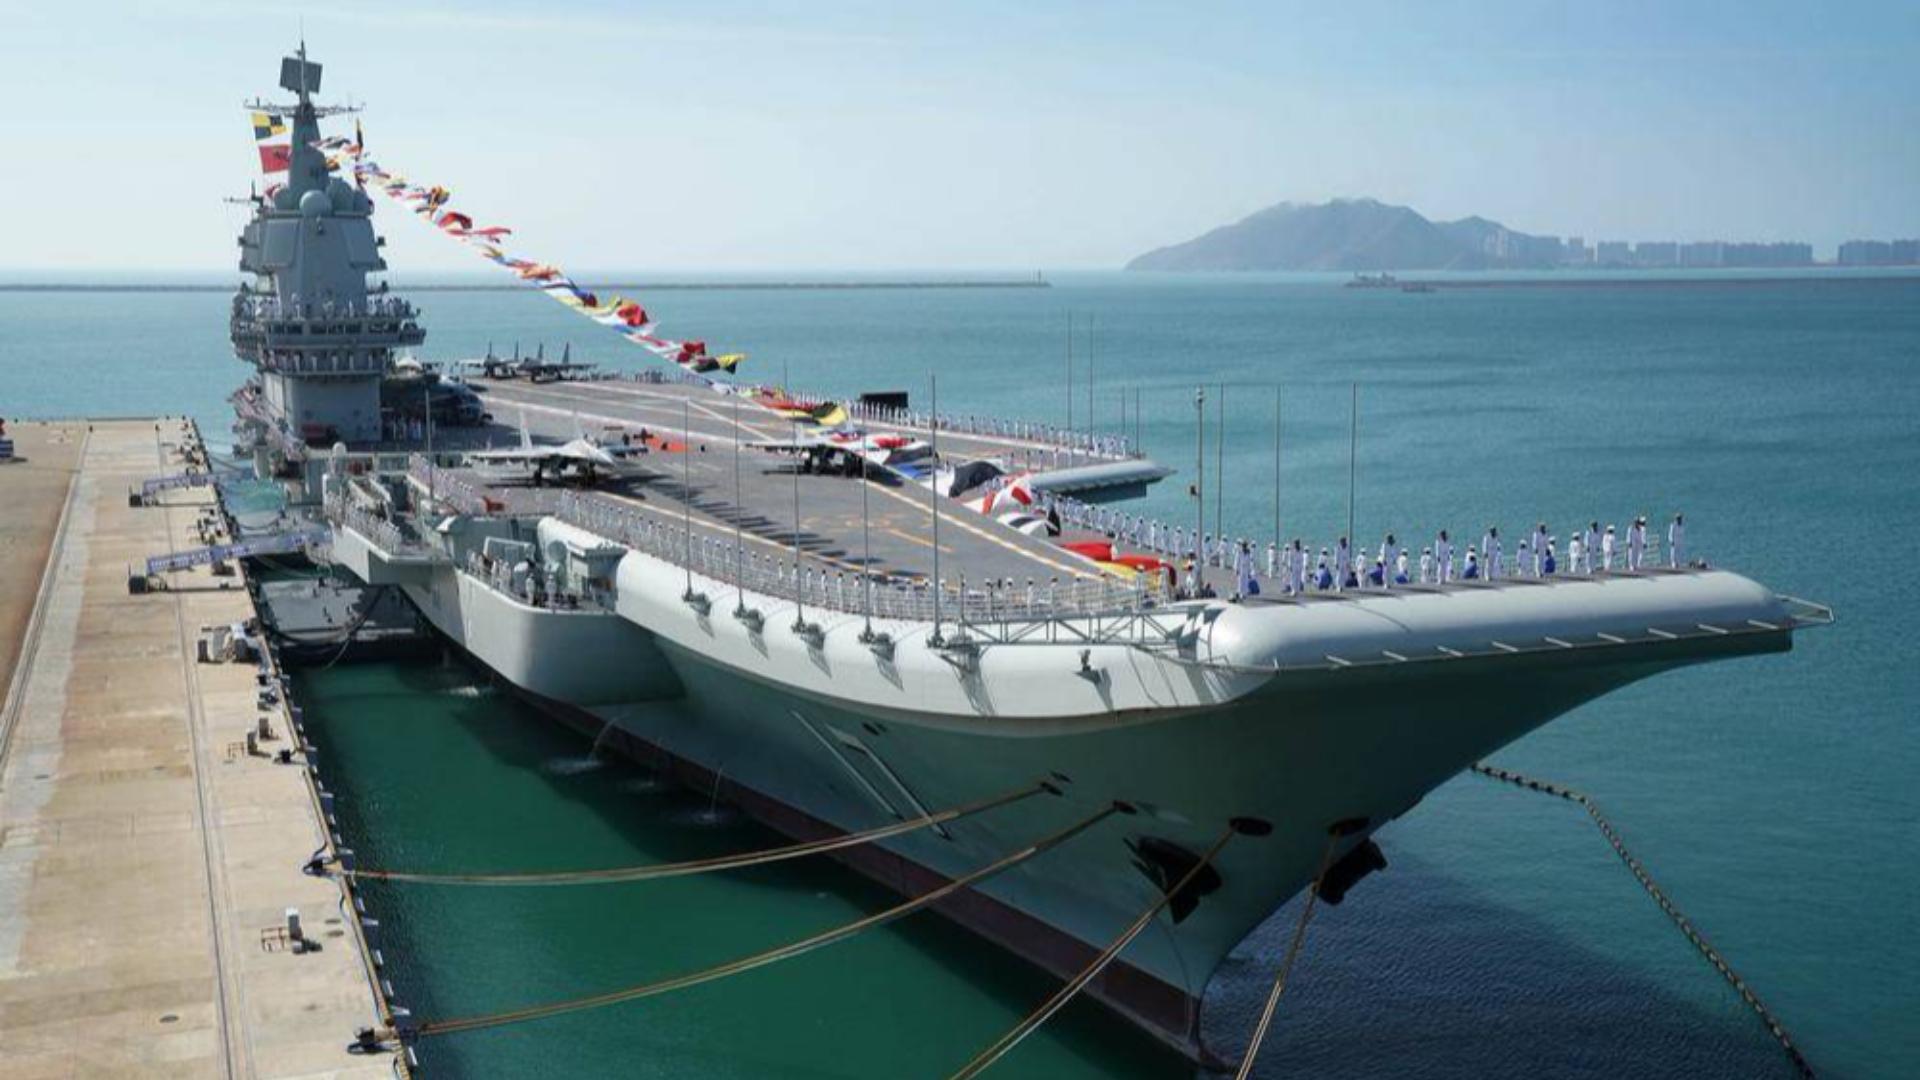 中国有,我也得有!山东舰服役引亚洲航母竞赛:6艘航母包围中国